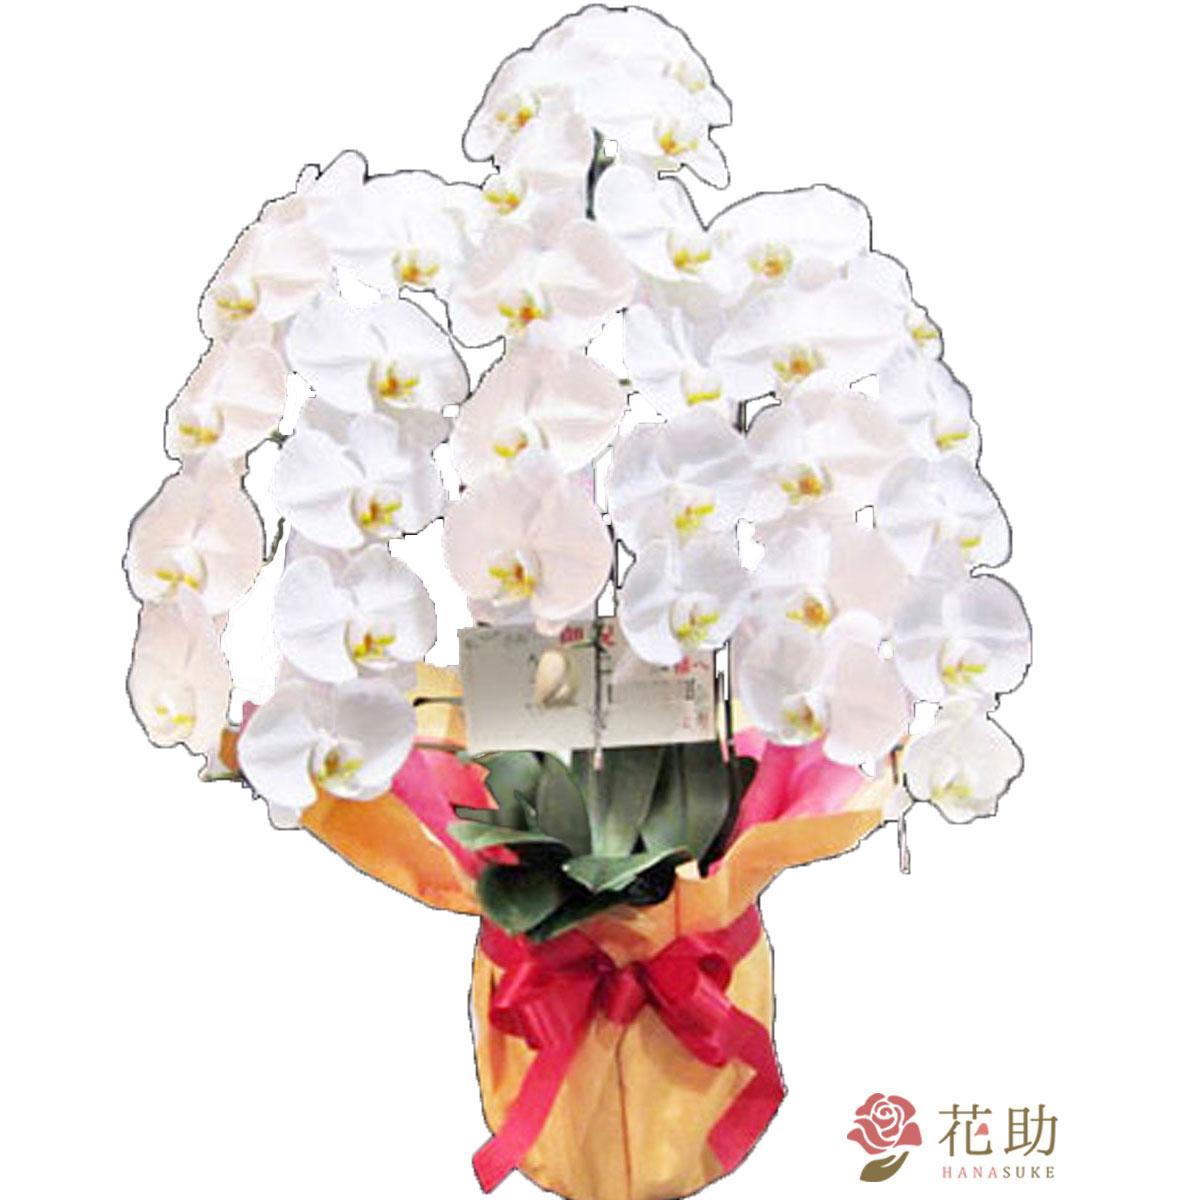 就任祝い、開業・開店祝い、移転、祝い、誕生日祝いなどのお祝いに最適 色が選べる フラワーコンシェルジュが厳選した花屋の胡蝶蘭 3本立ち 30輪以上 30000円 鉢花【楽ギフ_メッセ】